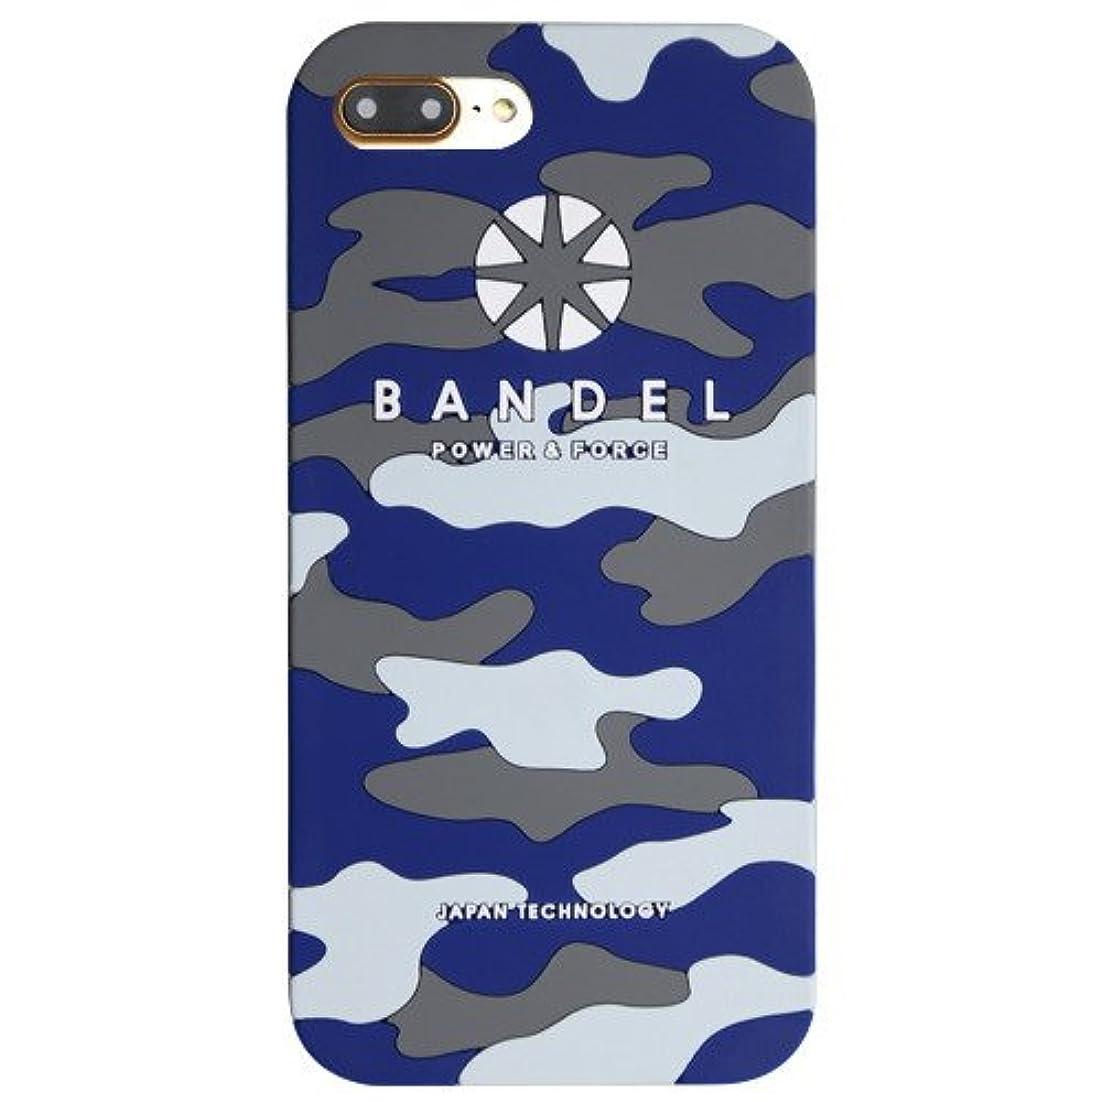 適応的セッション興奮するバンデル(BANDEL) ロゴ iPhone 7 Plus専用 シリコンケース [ネイビー×カモフラージュ]